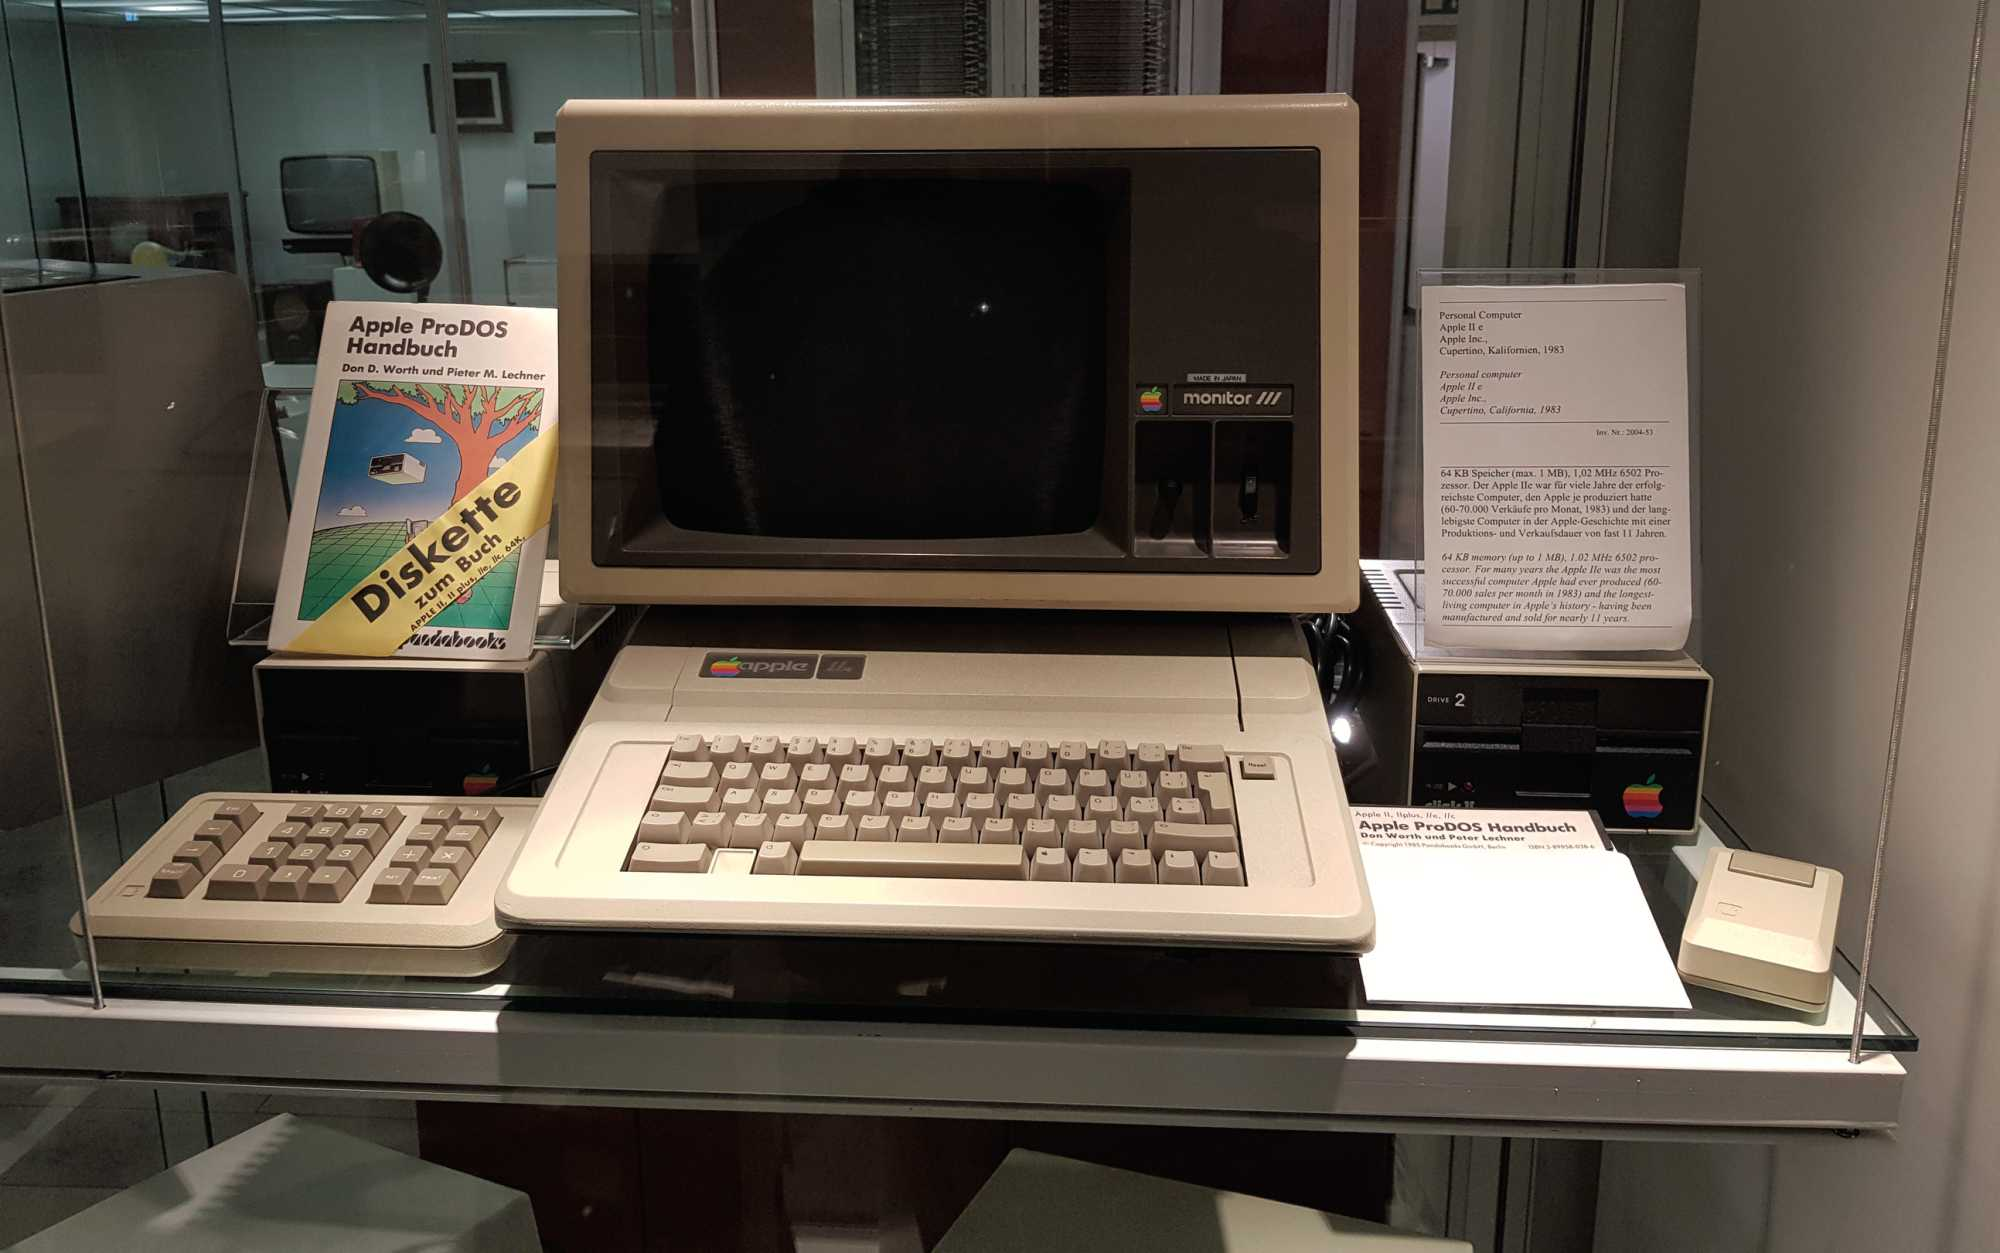 Die Computertechnik bildet nur einen kleinen Teil der beeindruckenden Ausstellung des Deutschen Museums.